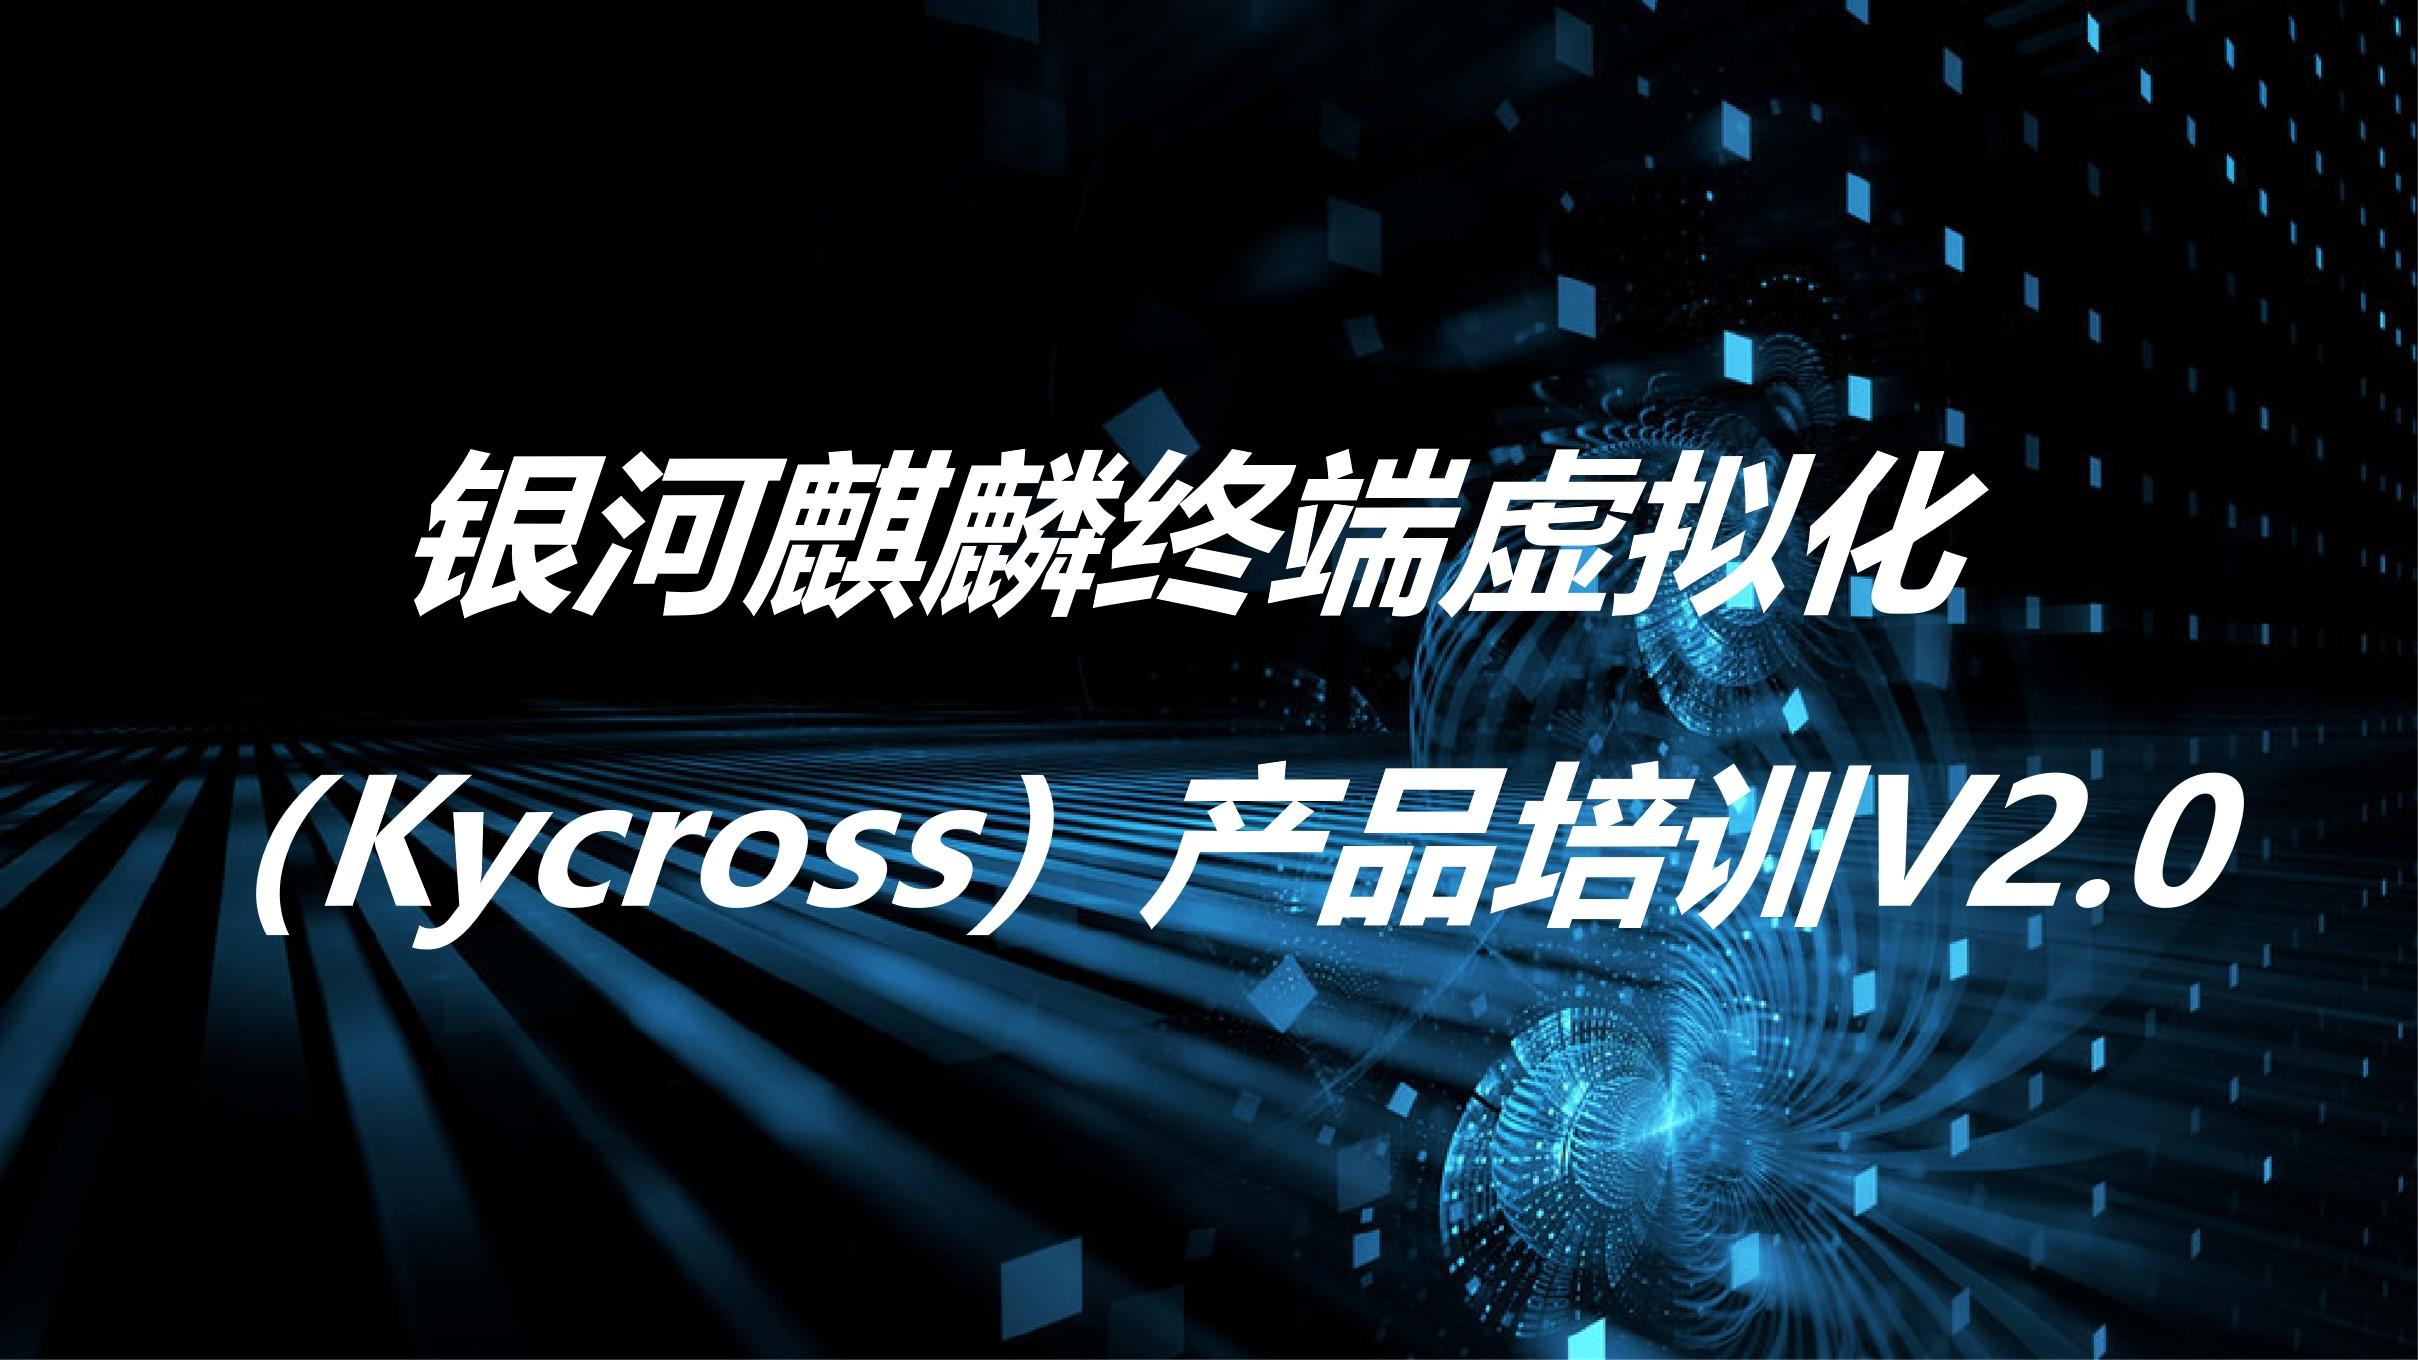 银河麒麟终端虚拟化(Kycross)产品培训V2.0